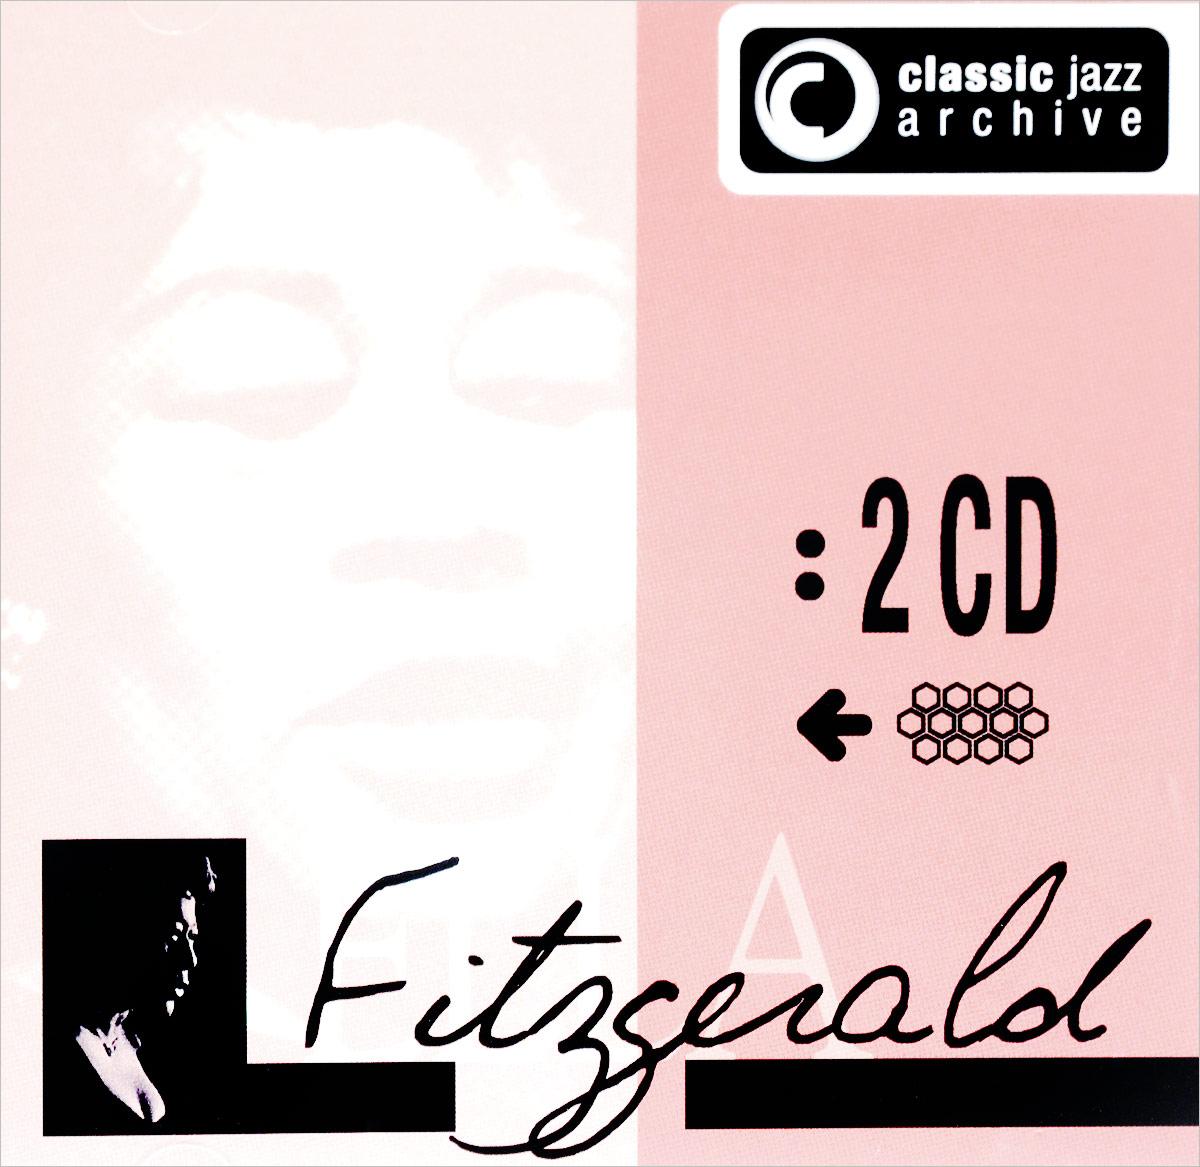 цена Элла Фитцжеральд Ella Fitzgerald. Classic Jazz Archive (2 CD) в интернет-магазинах